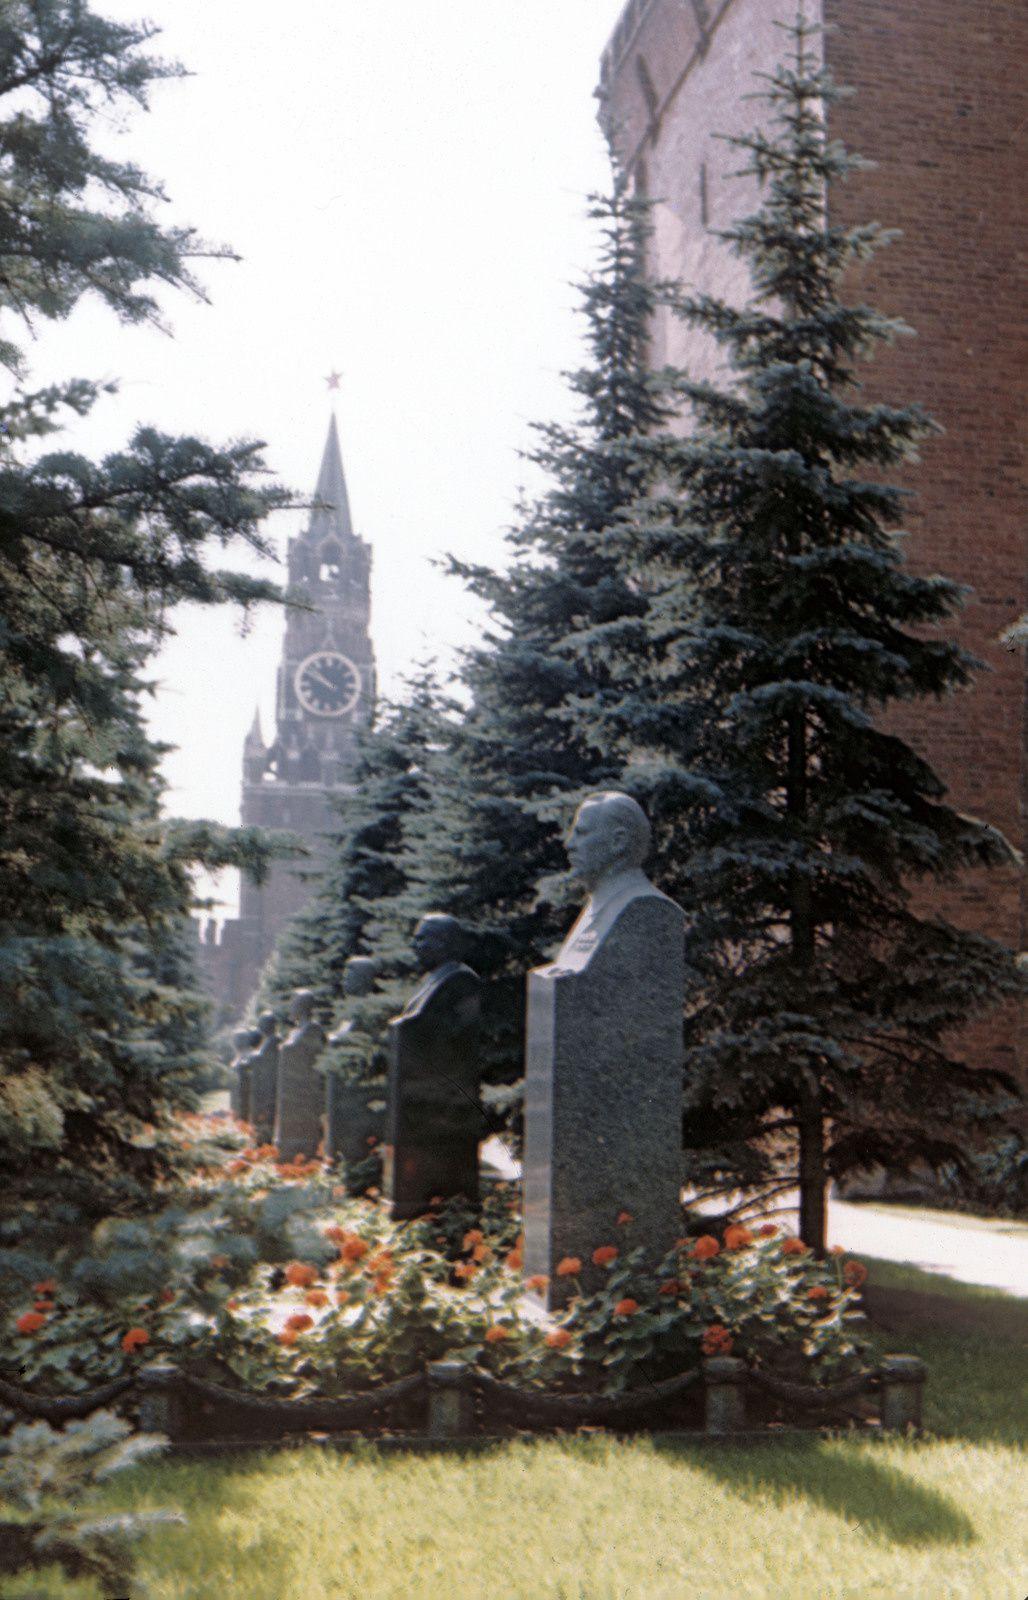 La visite du mausolée faisait partie des visites obligatoires alors se terminant par le passage devant les bustes des grands hommes à l'arrière du Mausolée.